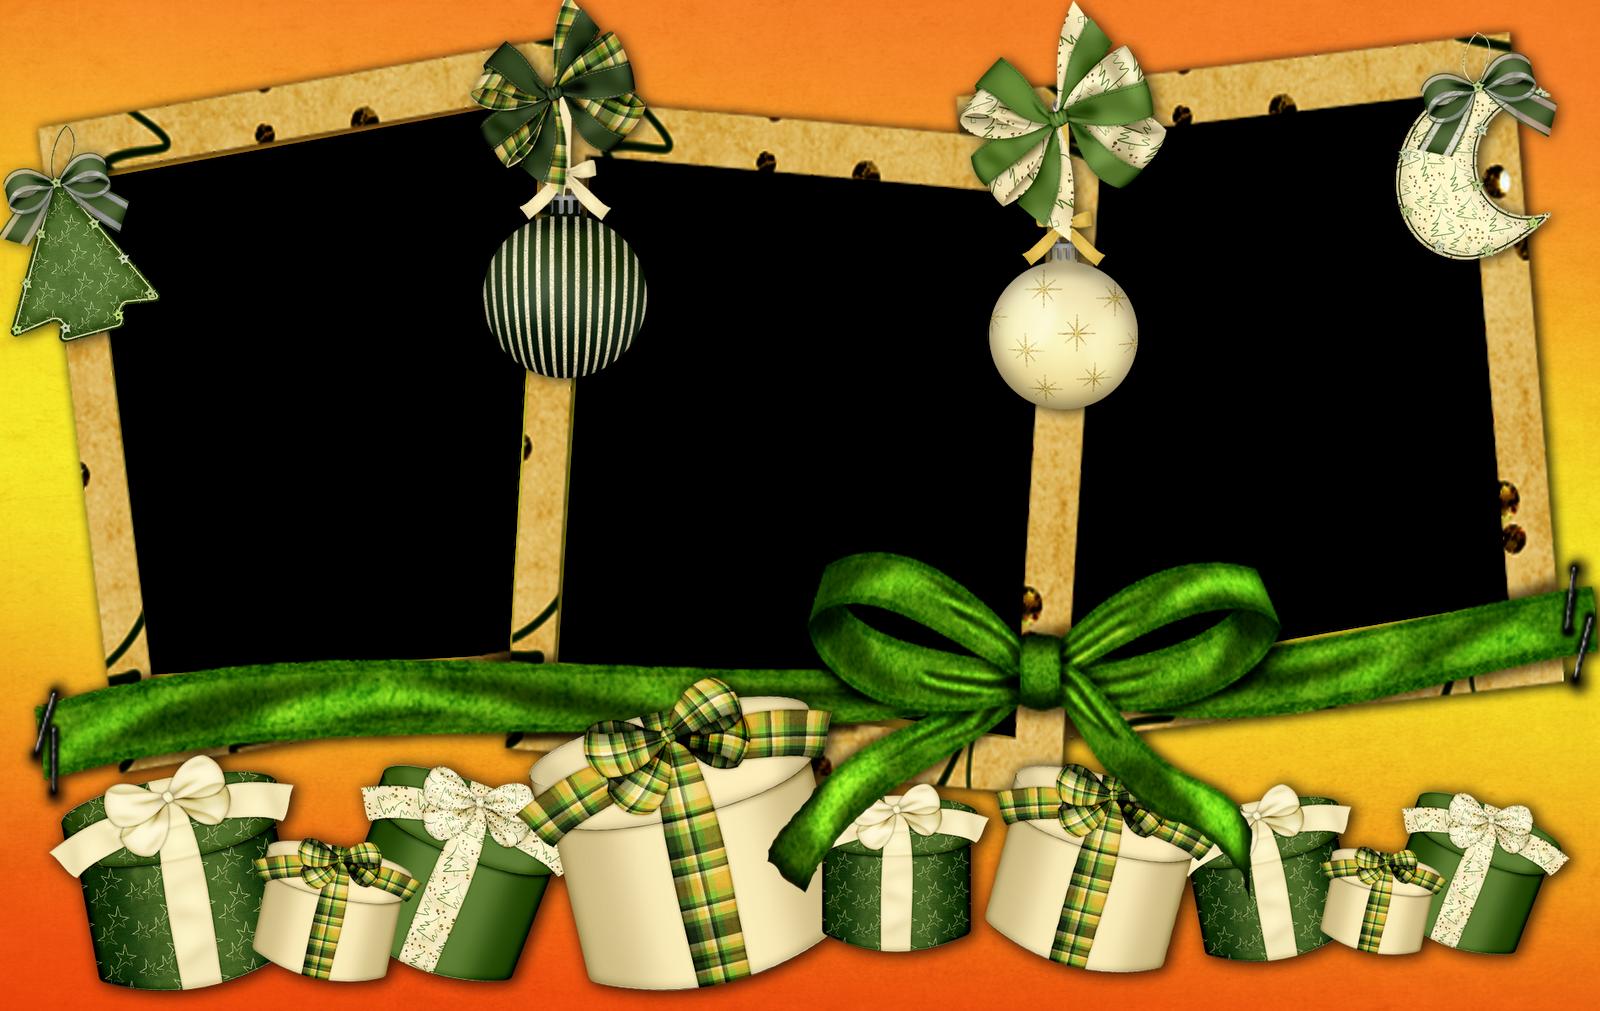 Fondos De Pantalla y Mucho Más: Marcos para fotos de Navidad